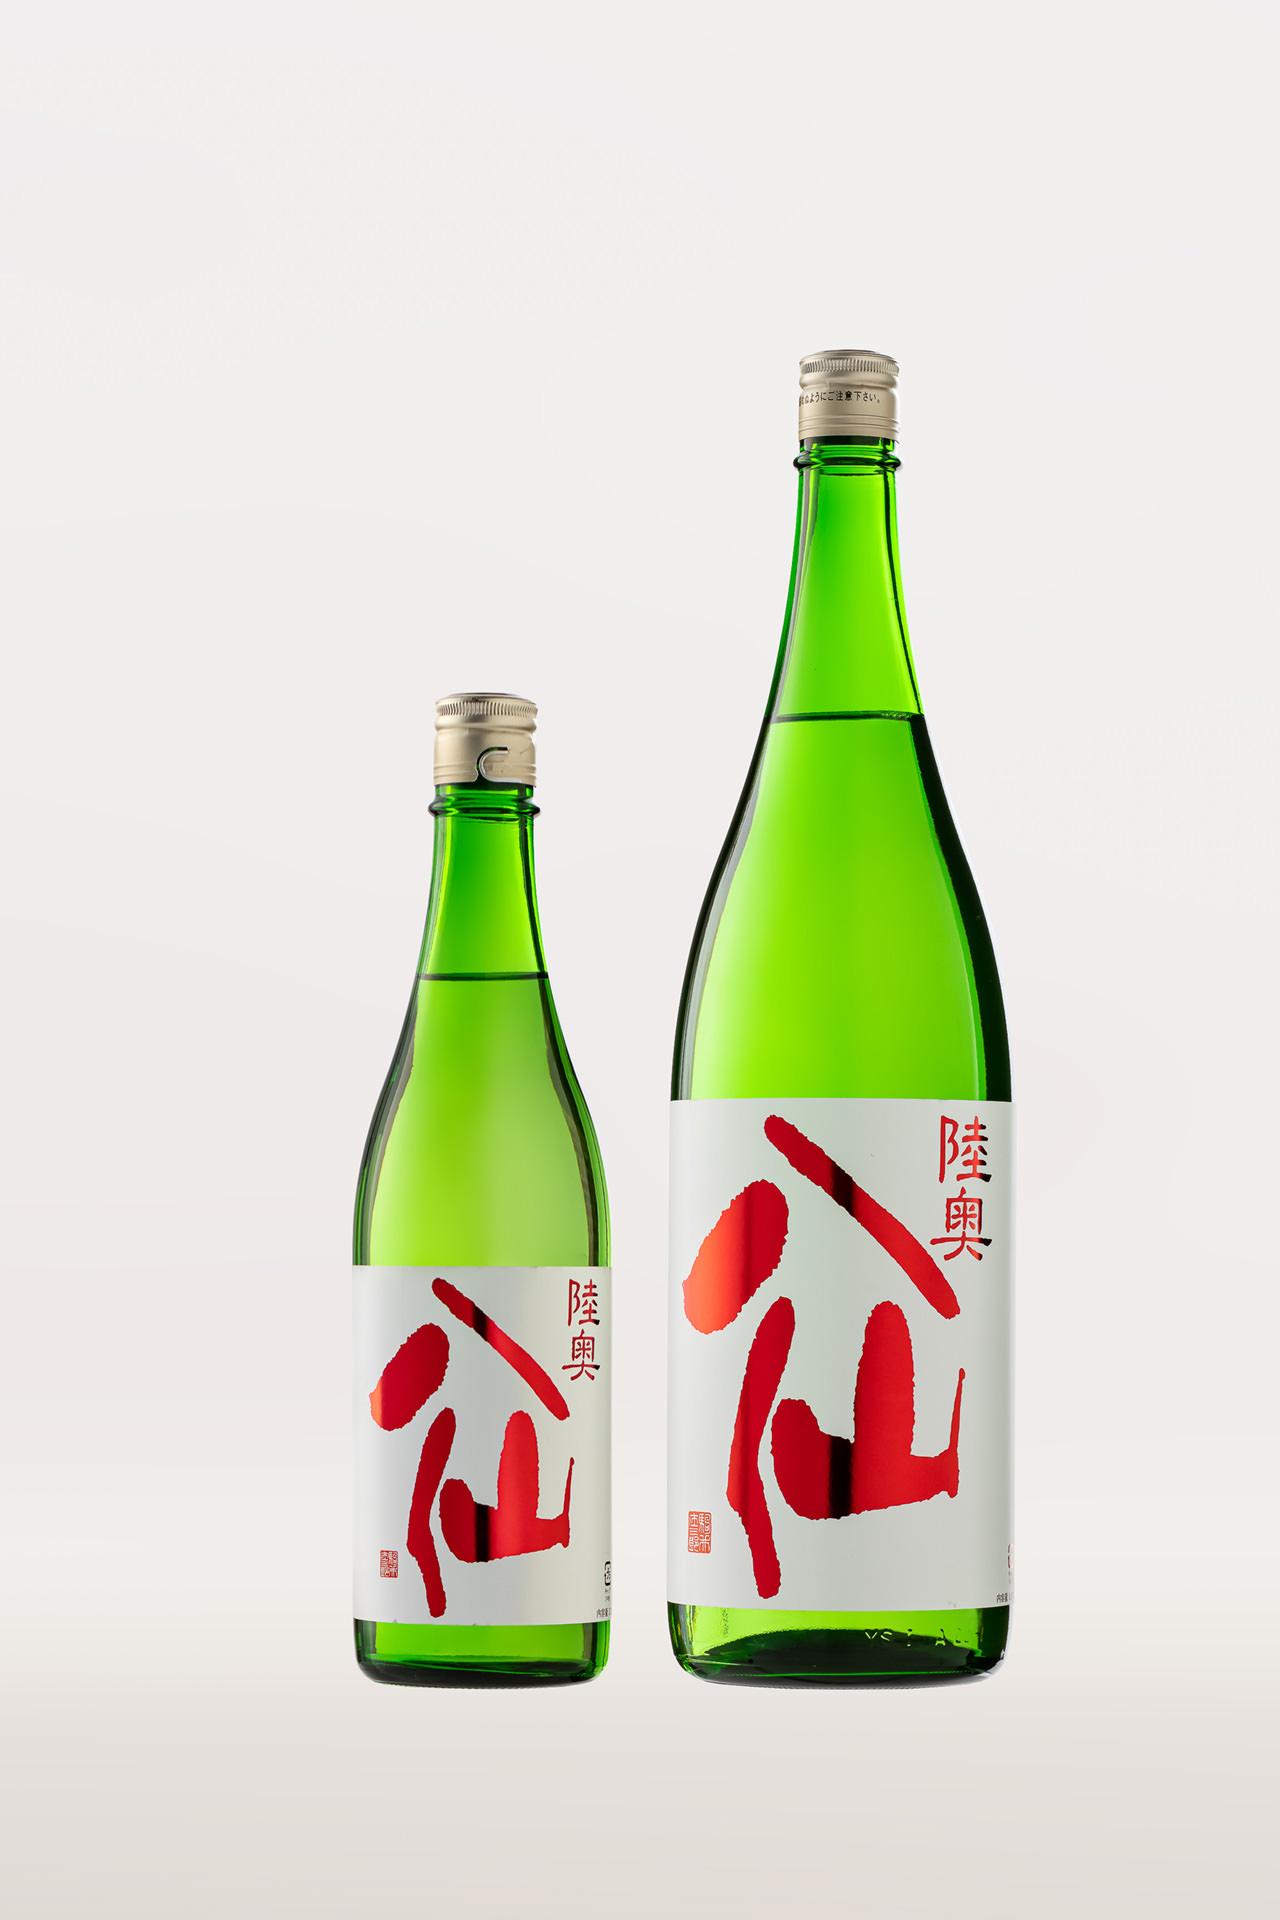 무츠핫센 레드라벨 특별준마이(생・열처리)